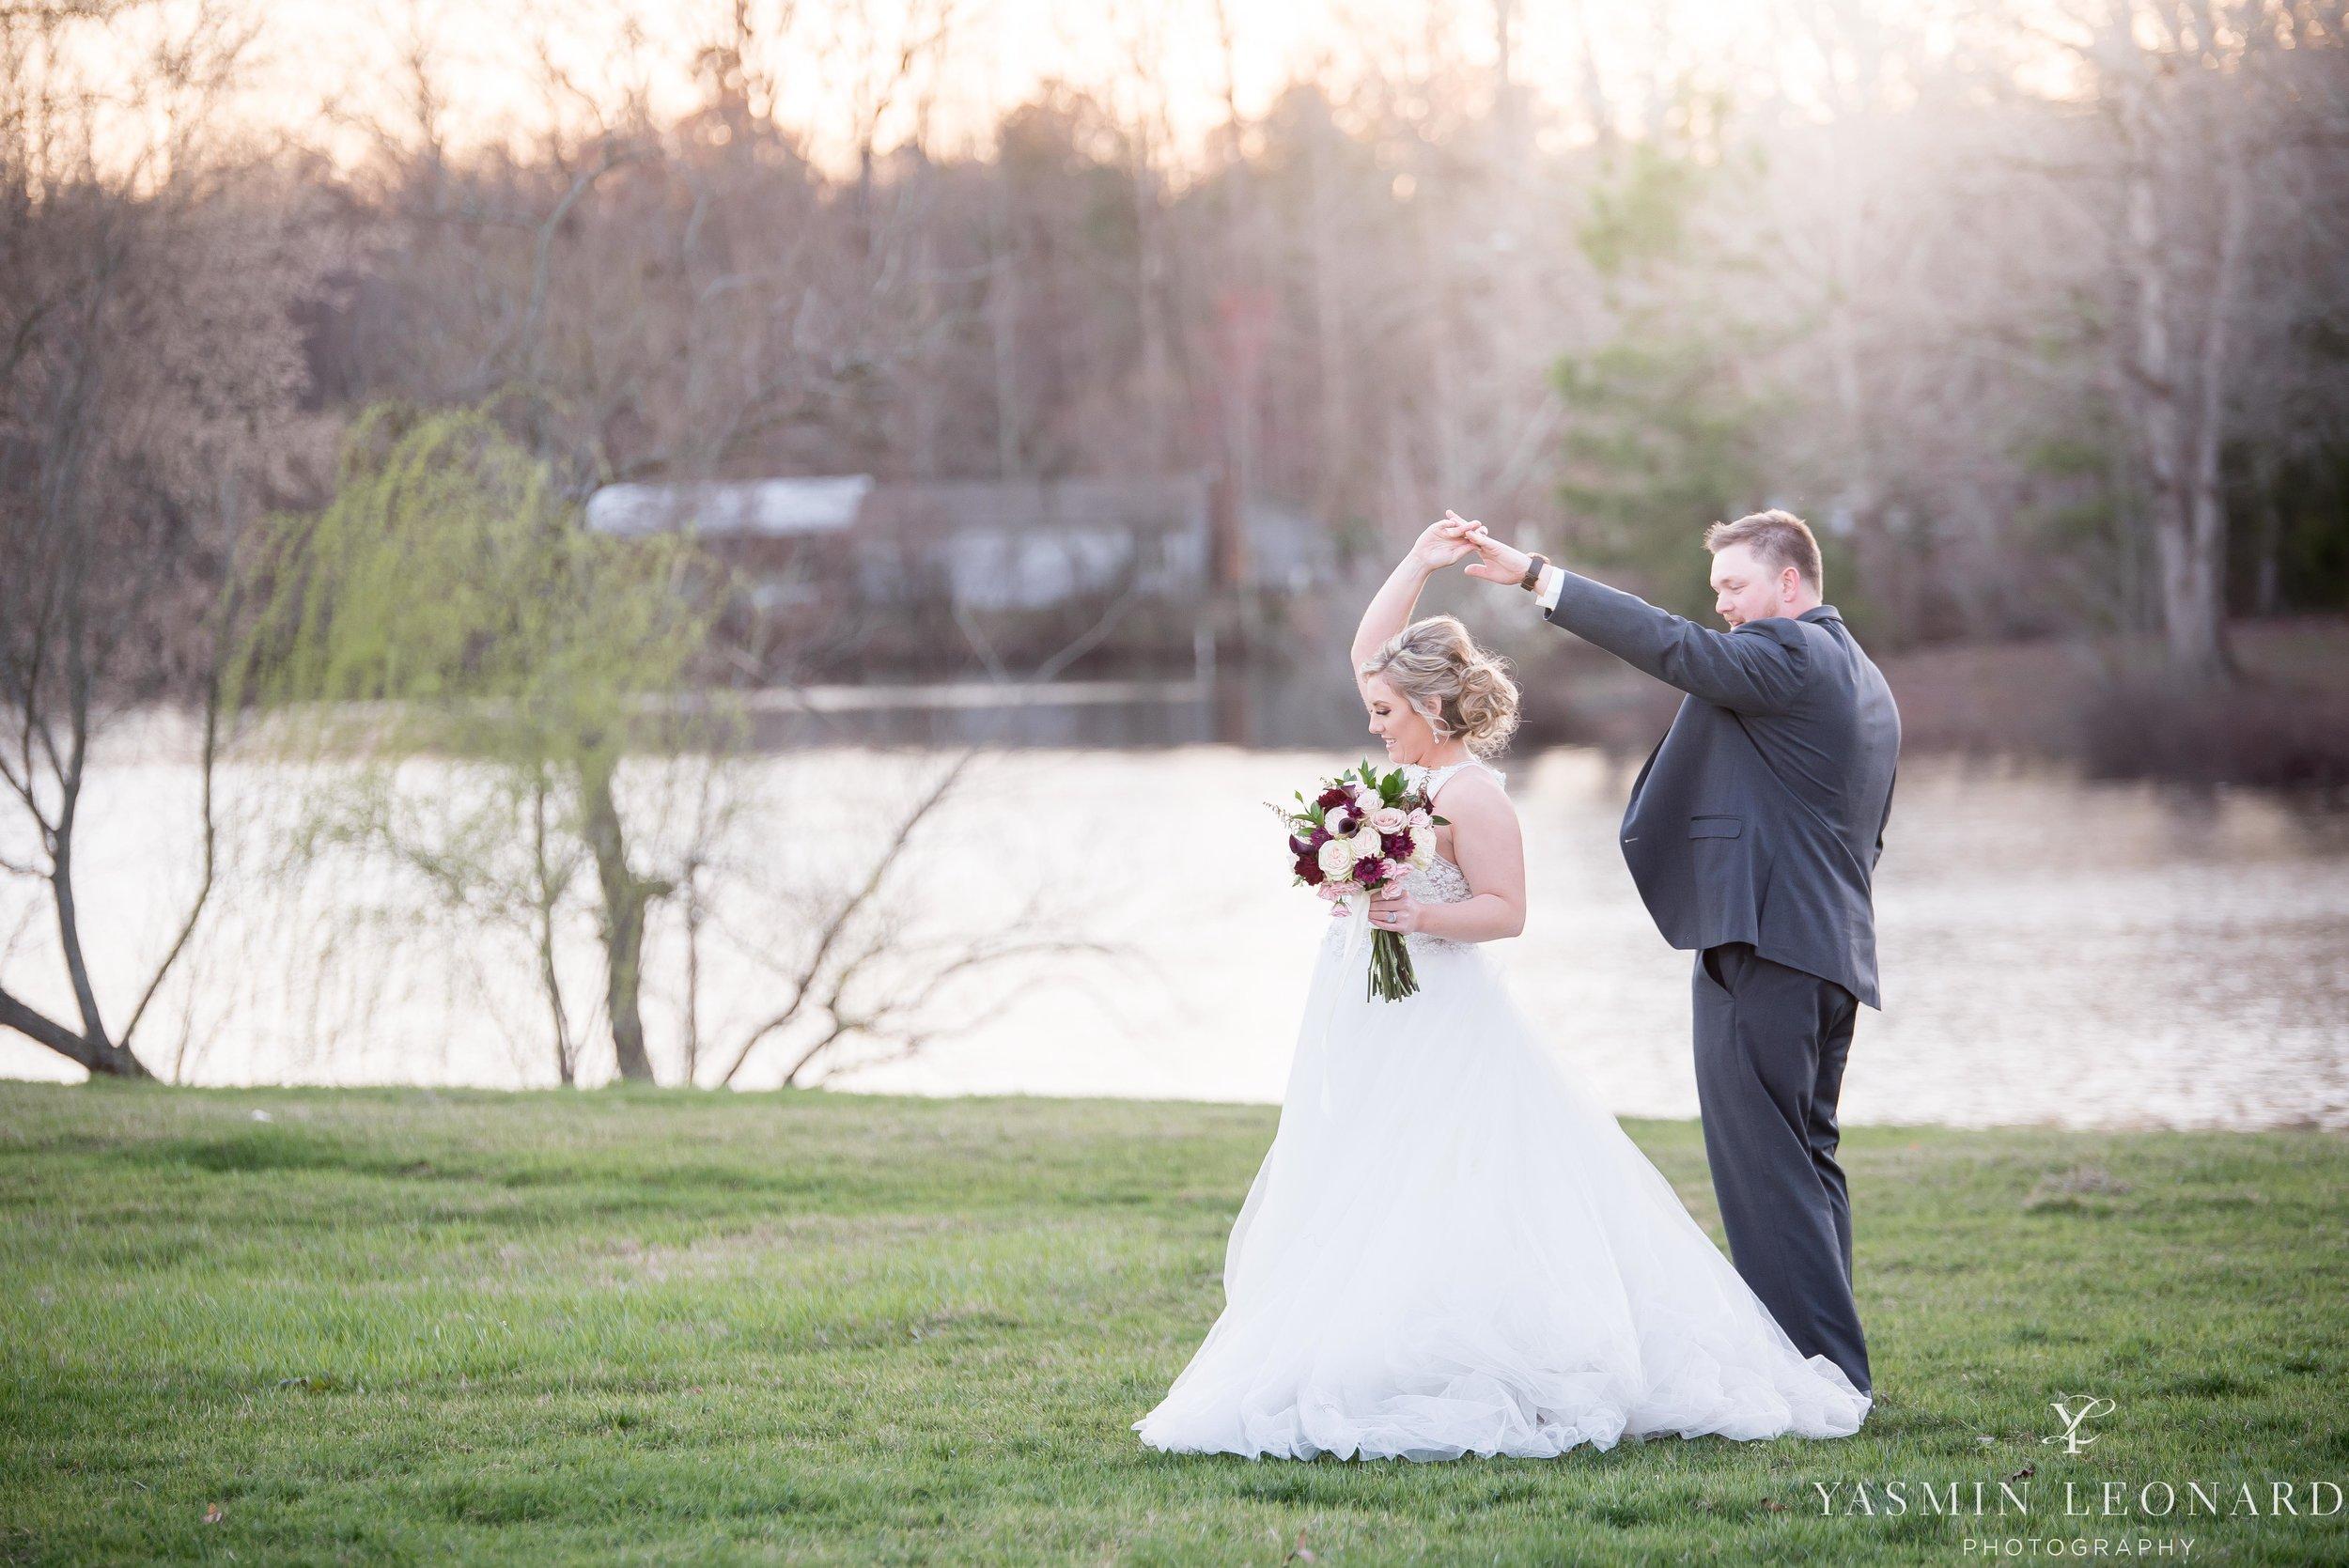 Millikan Farms - Millikan Farms Wedding - Sophia NC Wedding - NC Wedding - NC Wedding Photographer - Yasmin Leonard Photography - High Point Photographer - Barn Wedding - Wedding Venues in NC - Triad Wedding Photographer-64.jpg